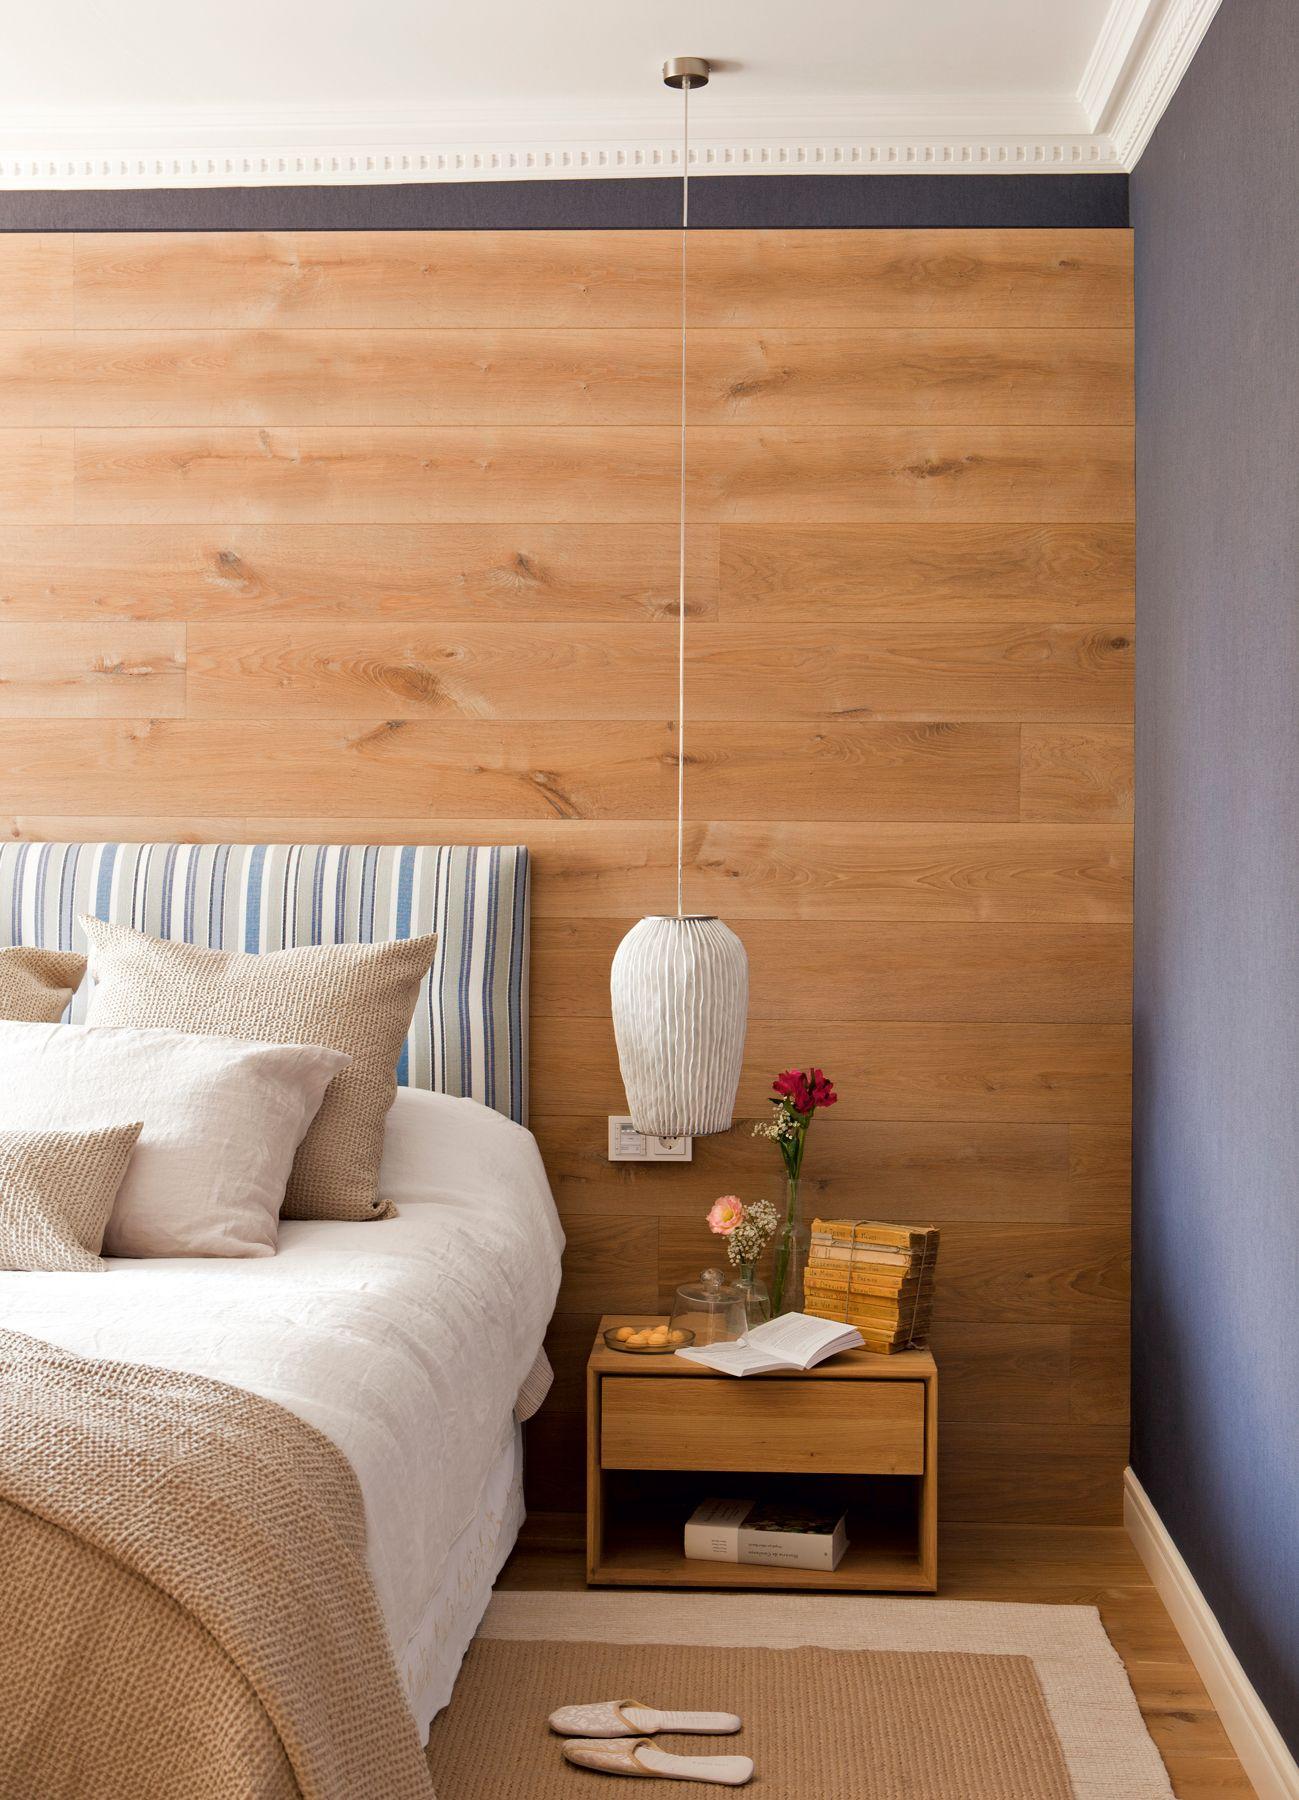 Dormitorio con una pared forrada con l minas de parquet - Forrar cabecero de cama ...